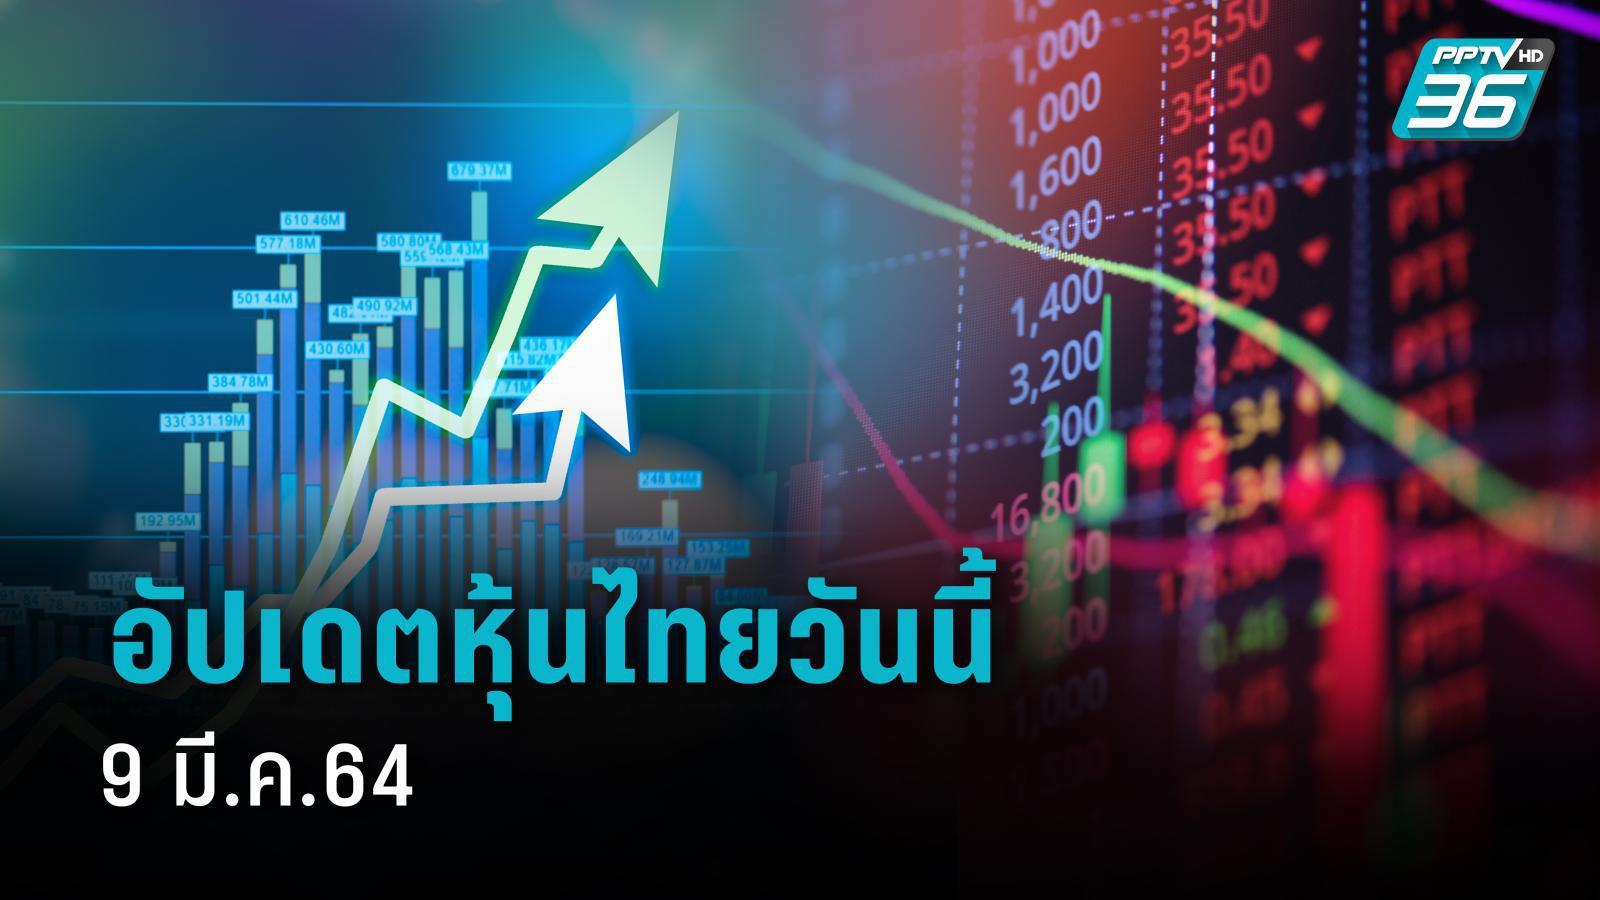 หุ้นไทย (9 มี.ค.64) เปิดการซื้อขาย 1,546.39จุด ปรับขึ้น +2.63 จุด